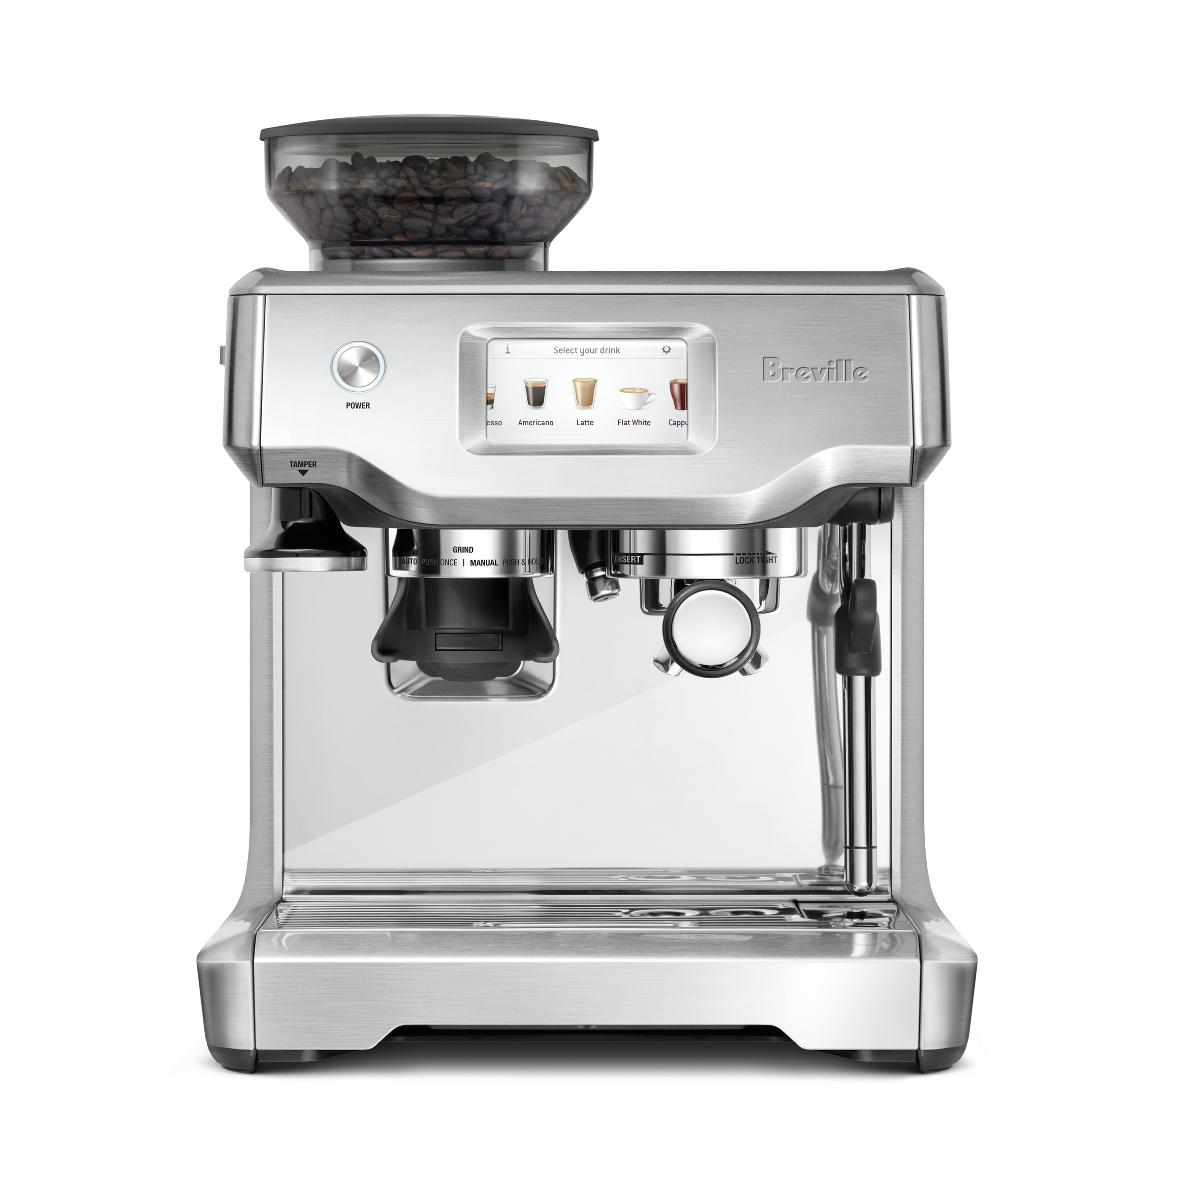 Breville The Barista Touch Espresso Machine with Espresso Glasses